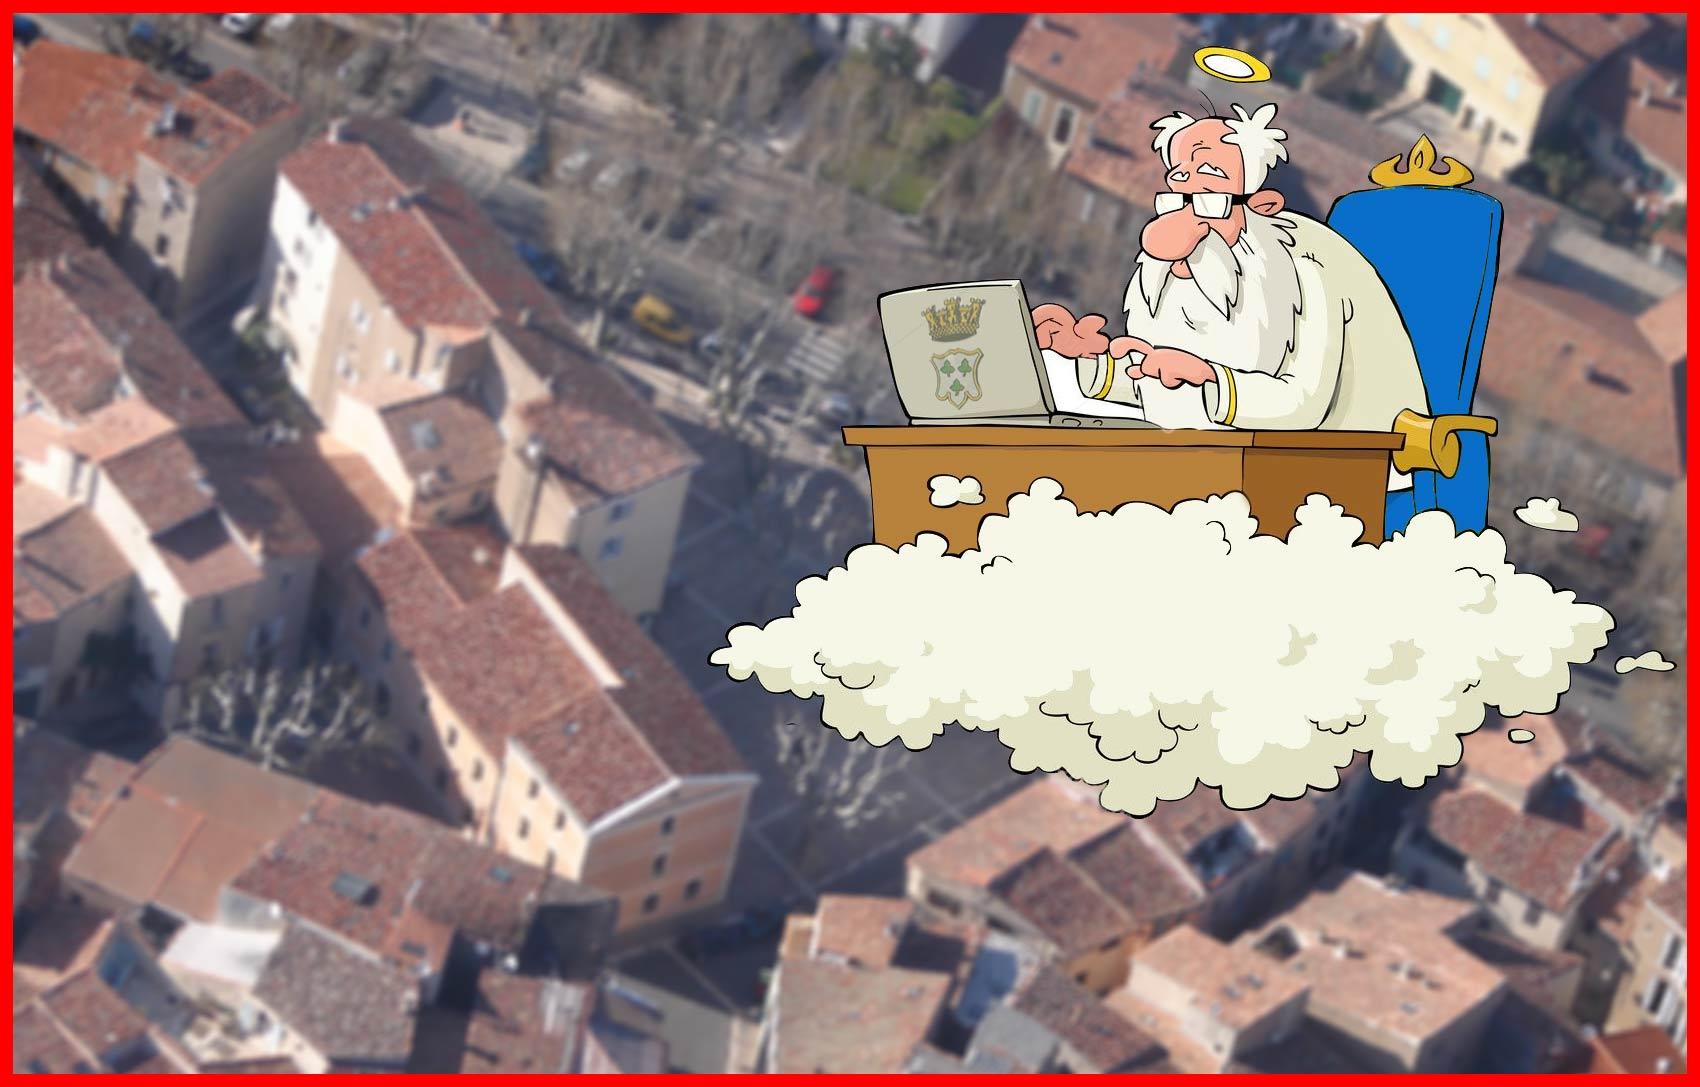 Les aventures humoristiques de DIEU candidat aux Municipales de Trets [Chapitre III : Dieu & son slogan de campagne]